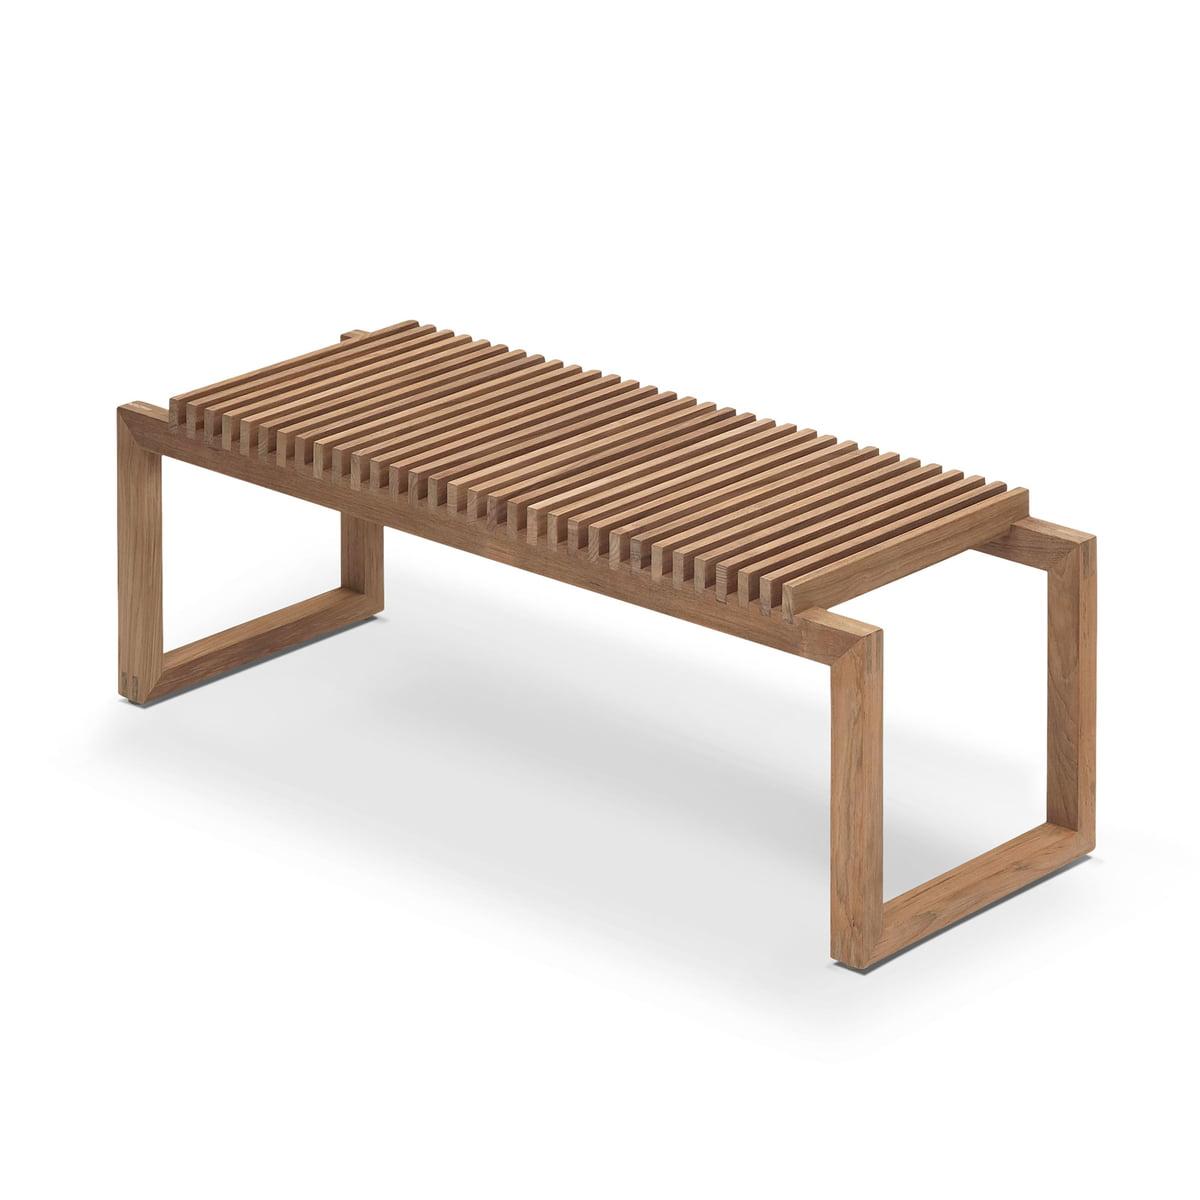 Sofabett holz  Cutter Holzbank | Skagerak | Shop